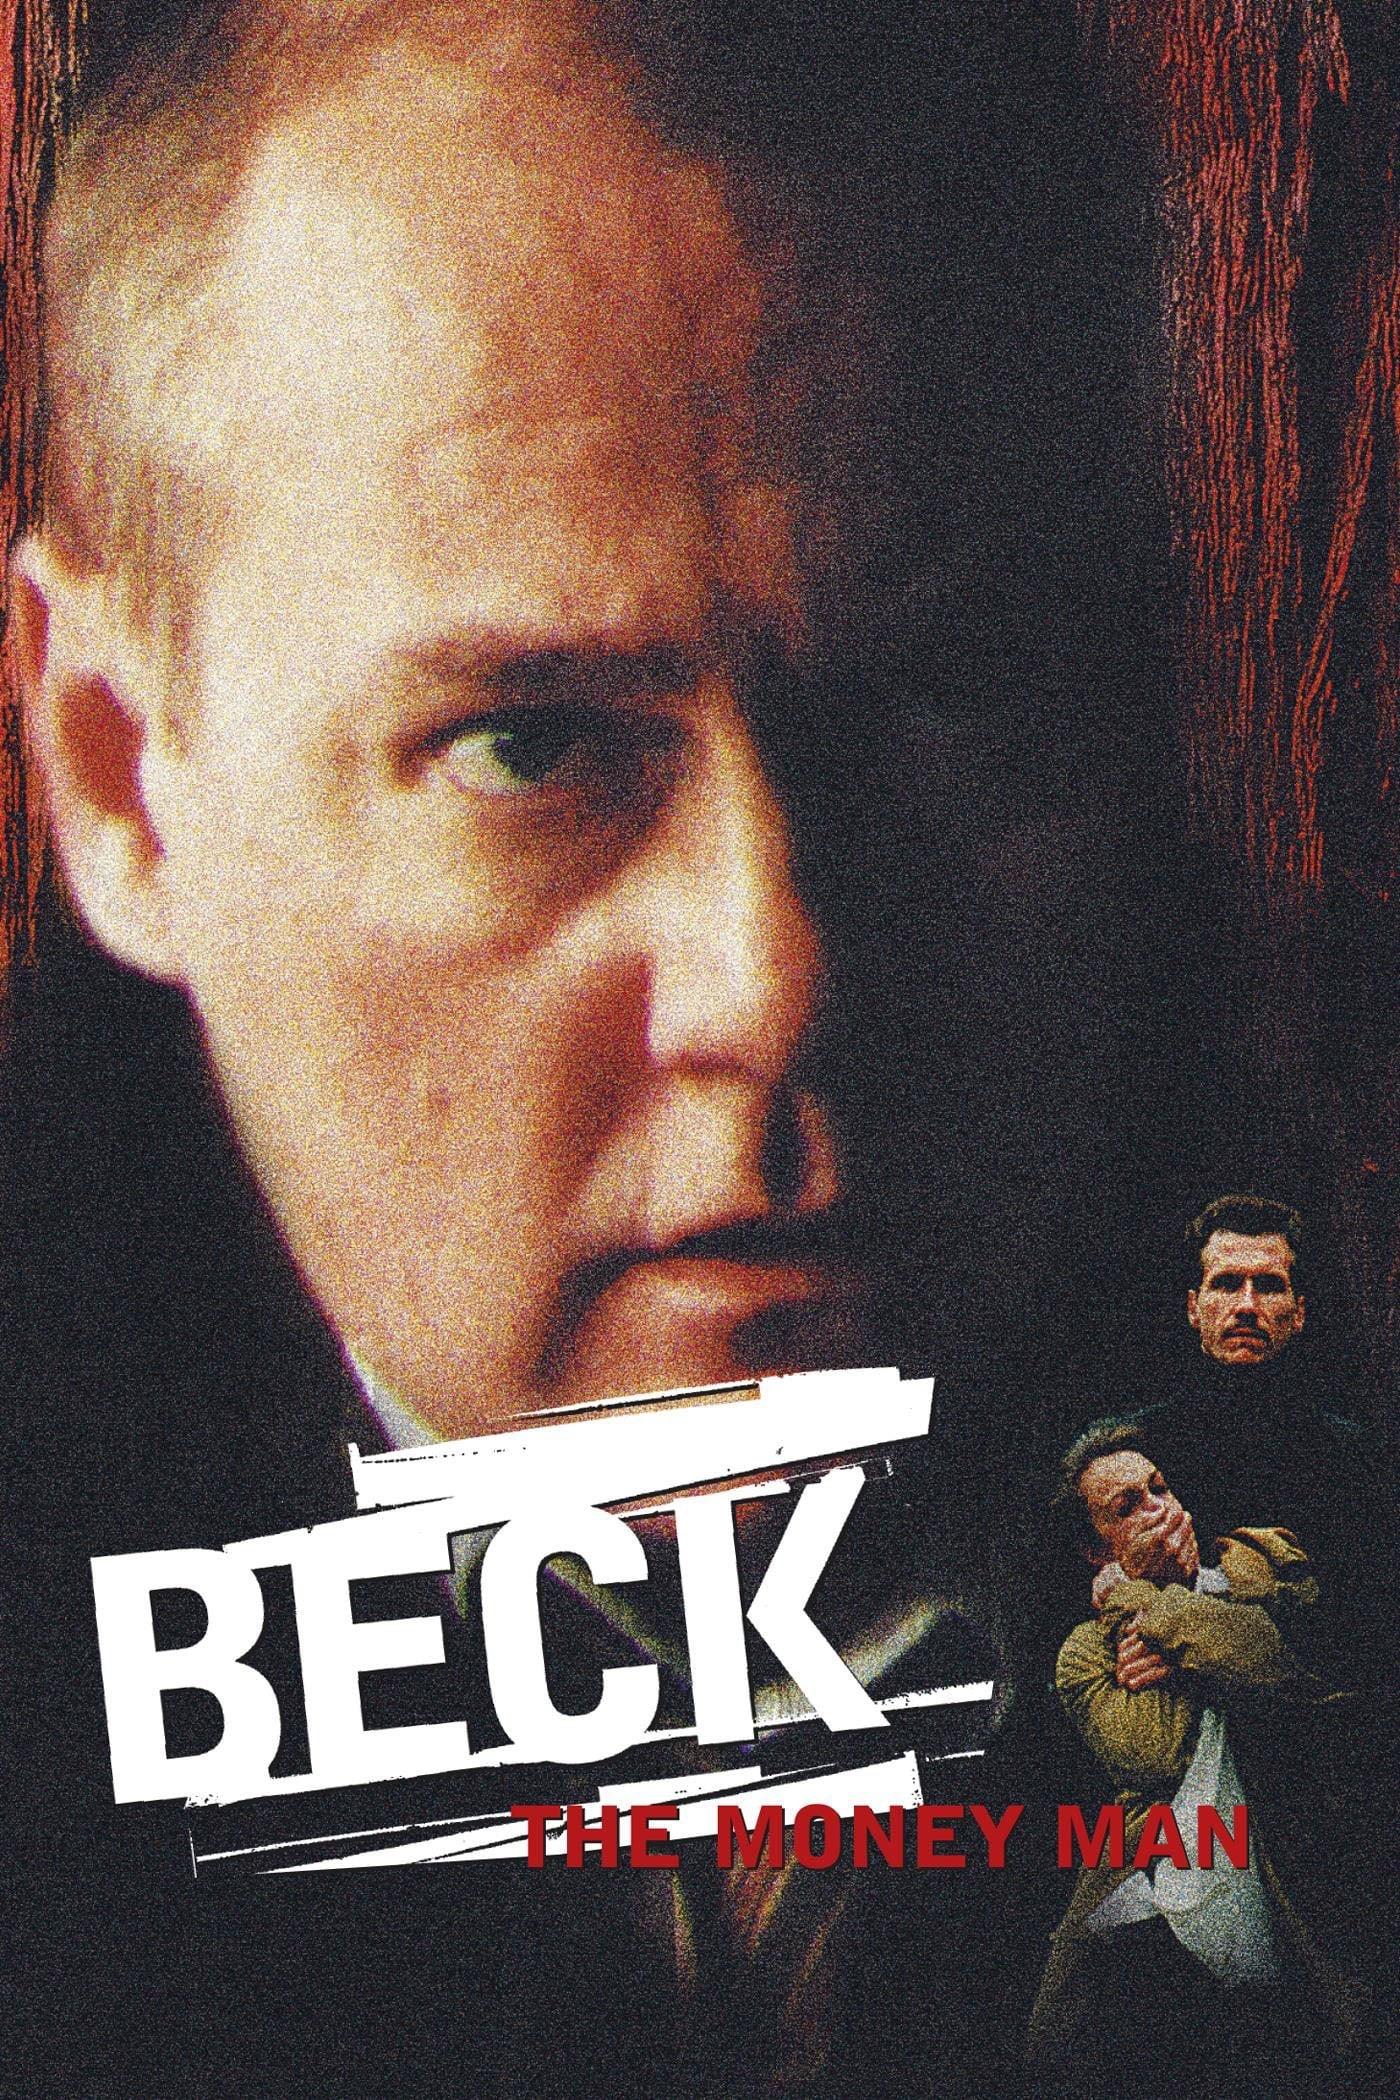 Beck 07 - The Money Man